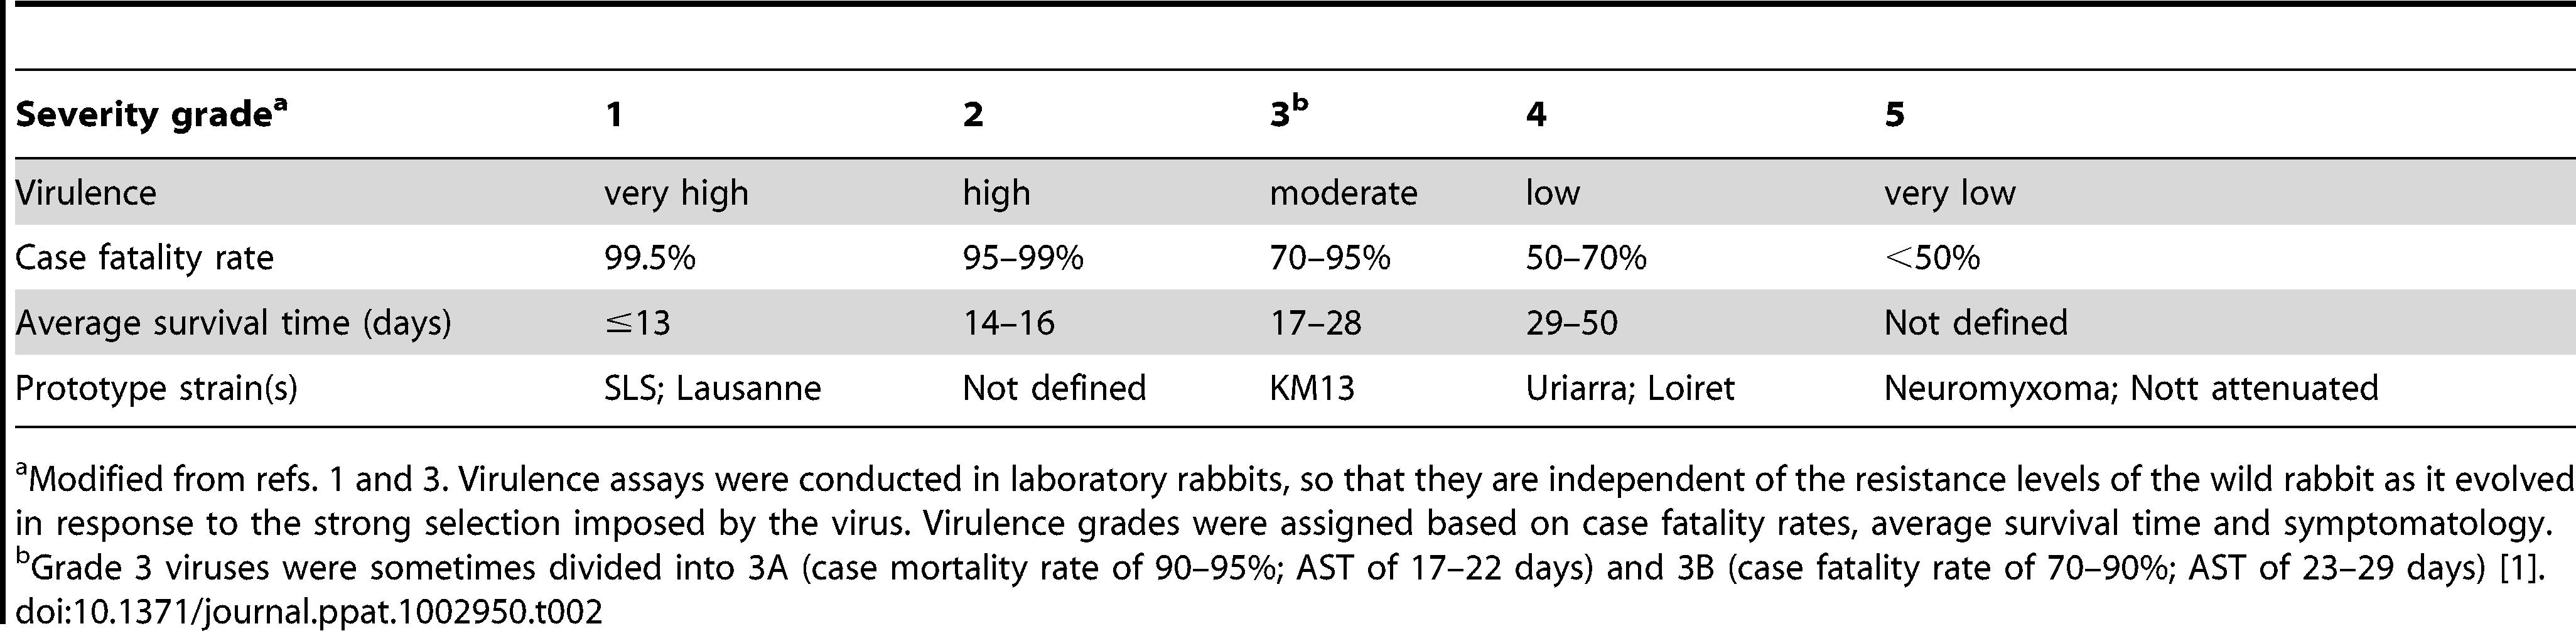 Virulence grades of myxoma viruses.